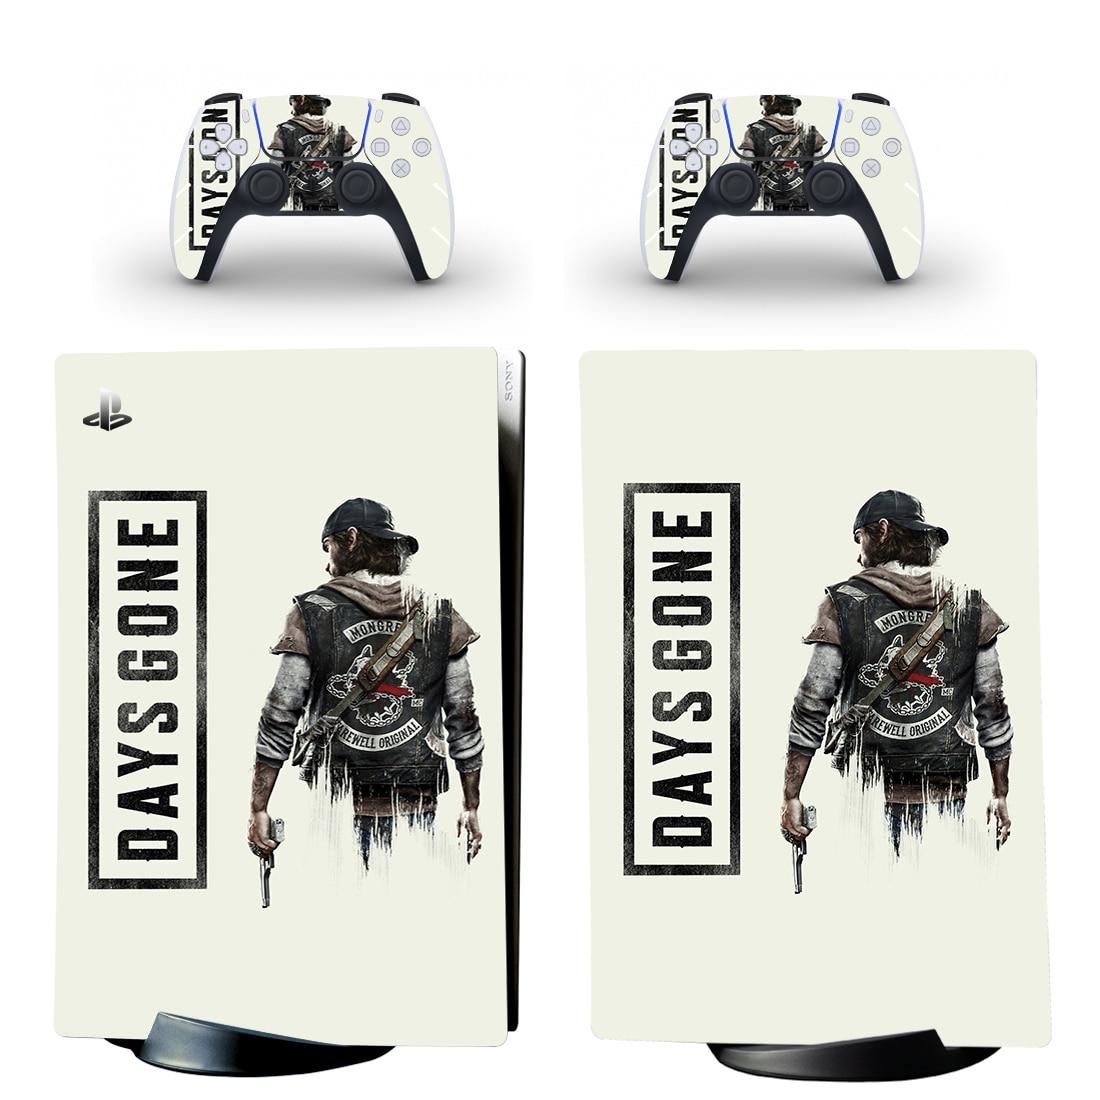 ملصقات لاصقة إصدار الجلد الرقمي لأجهزة PlayStation 5 ، فينيل لوحدة التحكم وأجهزة التحكم PS5